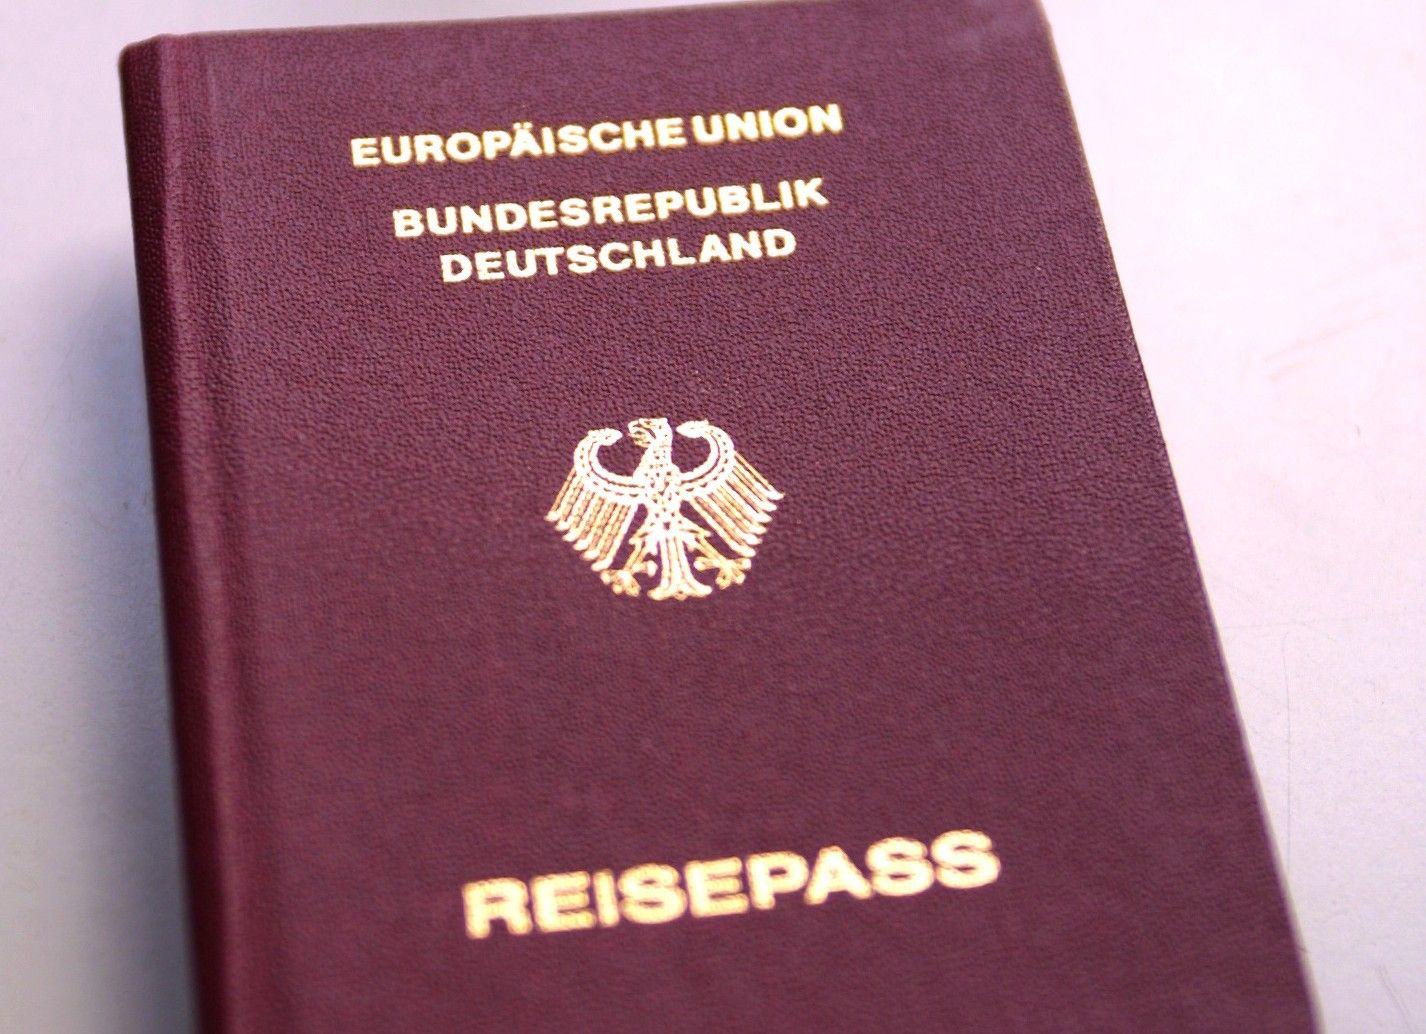 Foto: Michael Nagy Link öffnet die Seite Reisepass/ Zweitpass